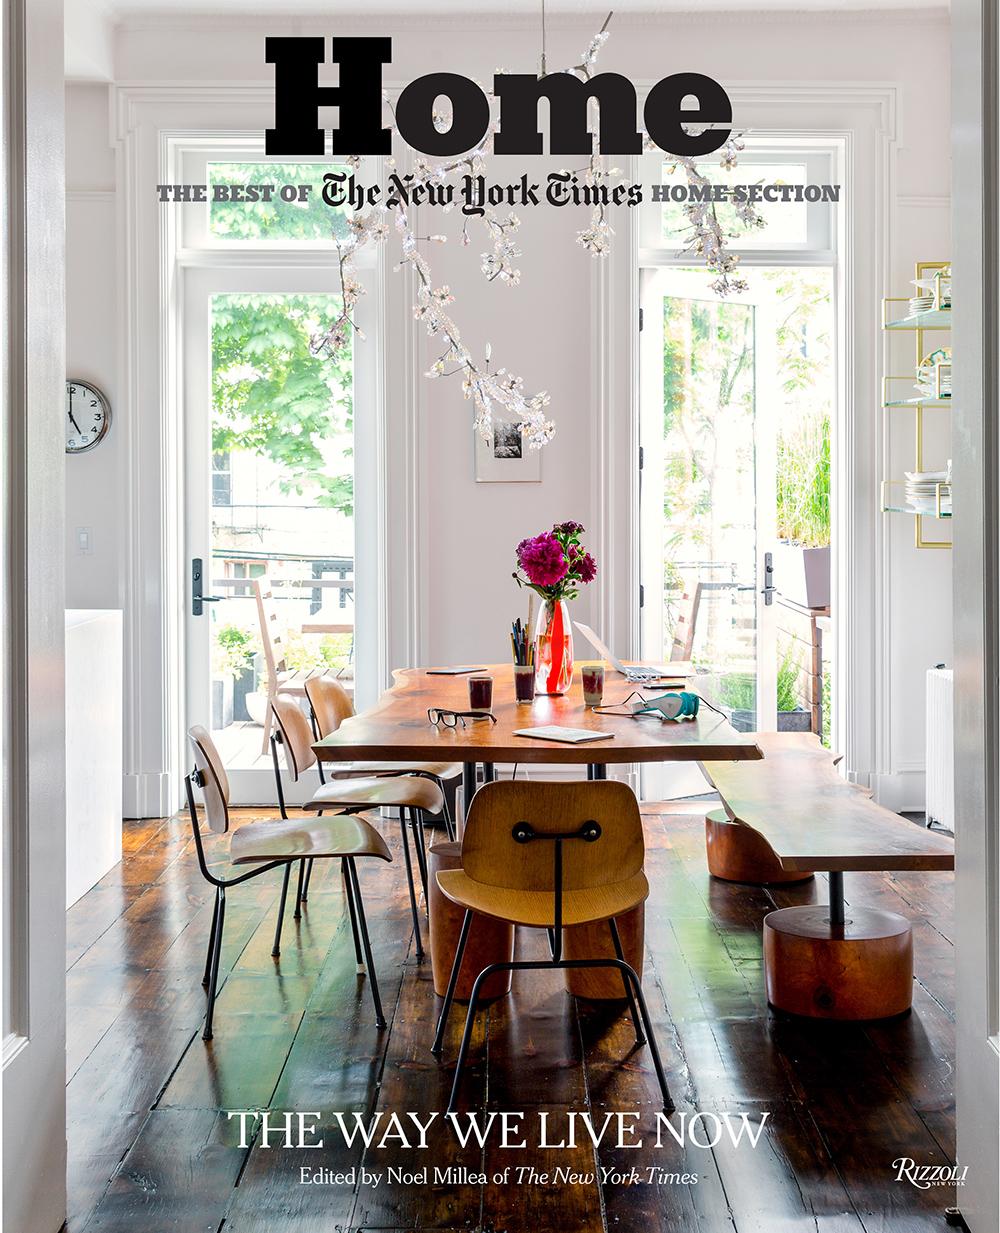 Home_NYT_cover.jpg